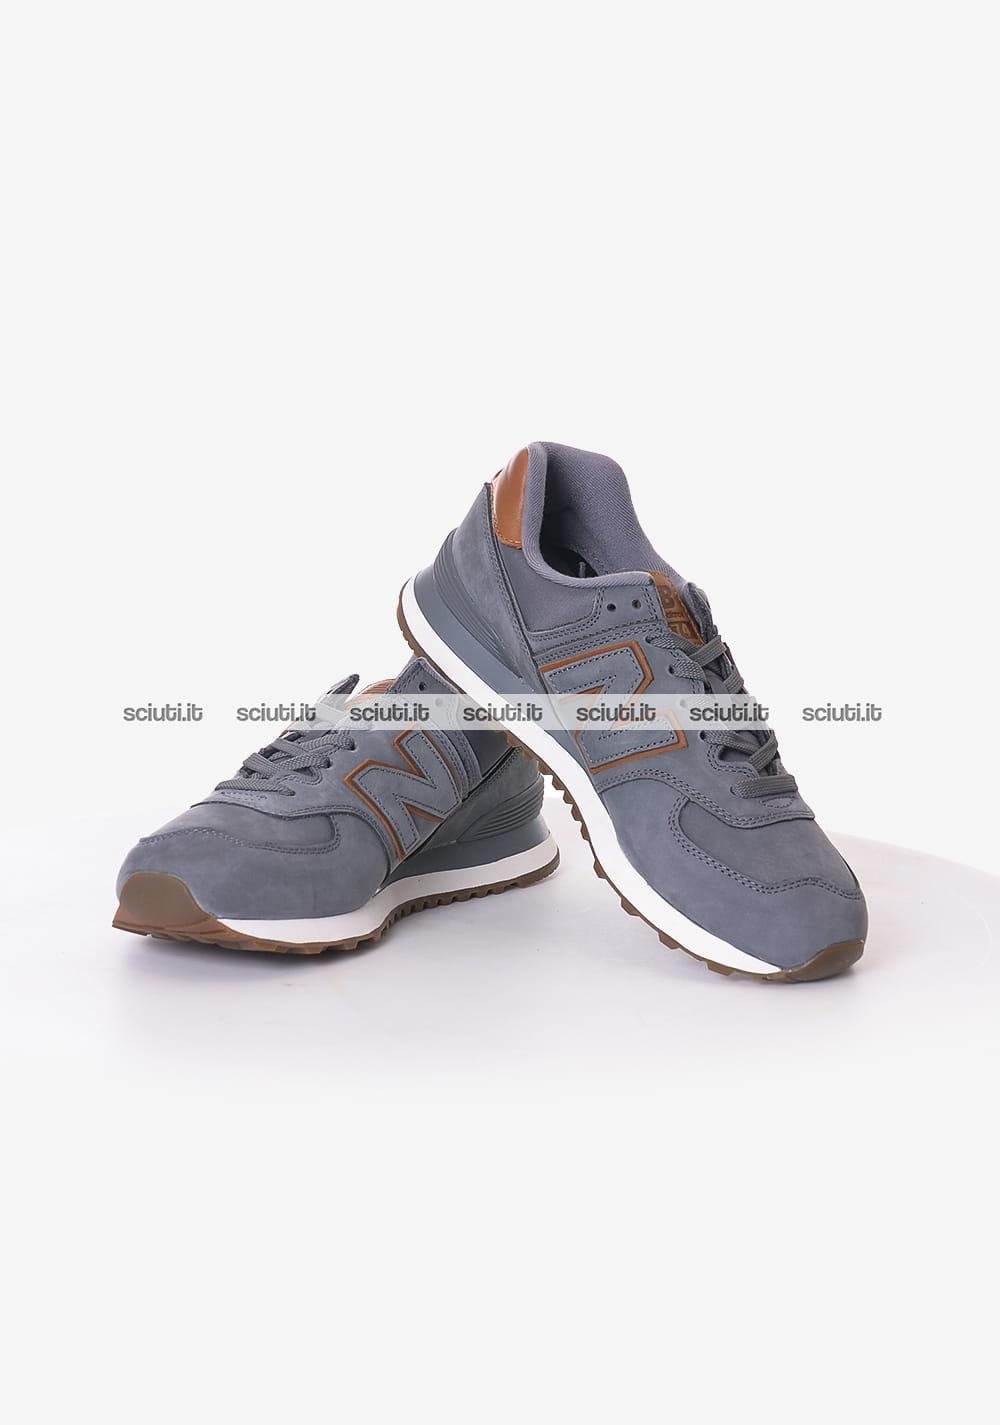 Scarpe New Balance uomo 574 grigio marrone   Sciuti.it